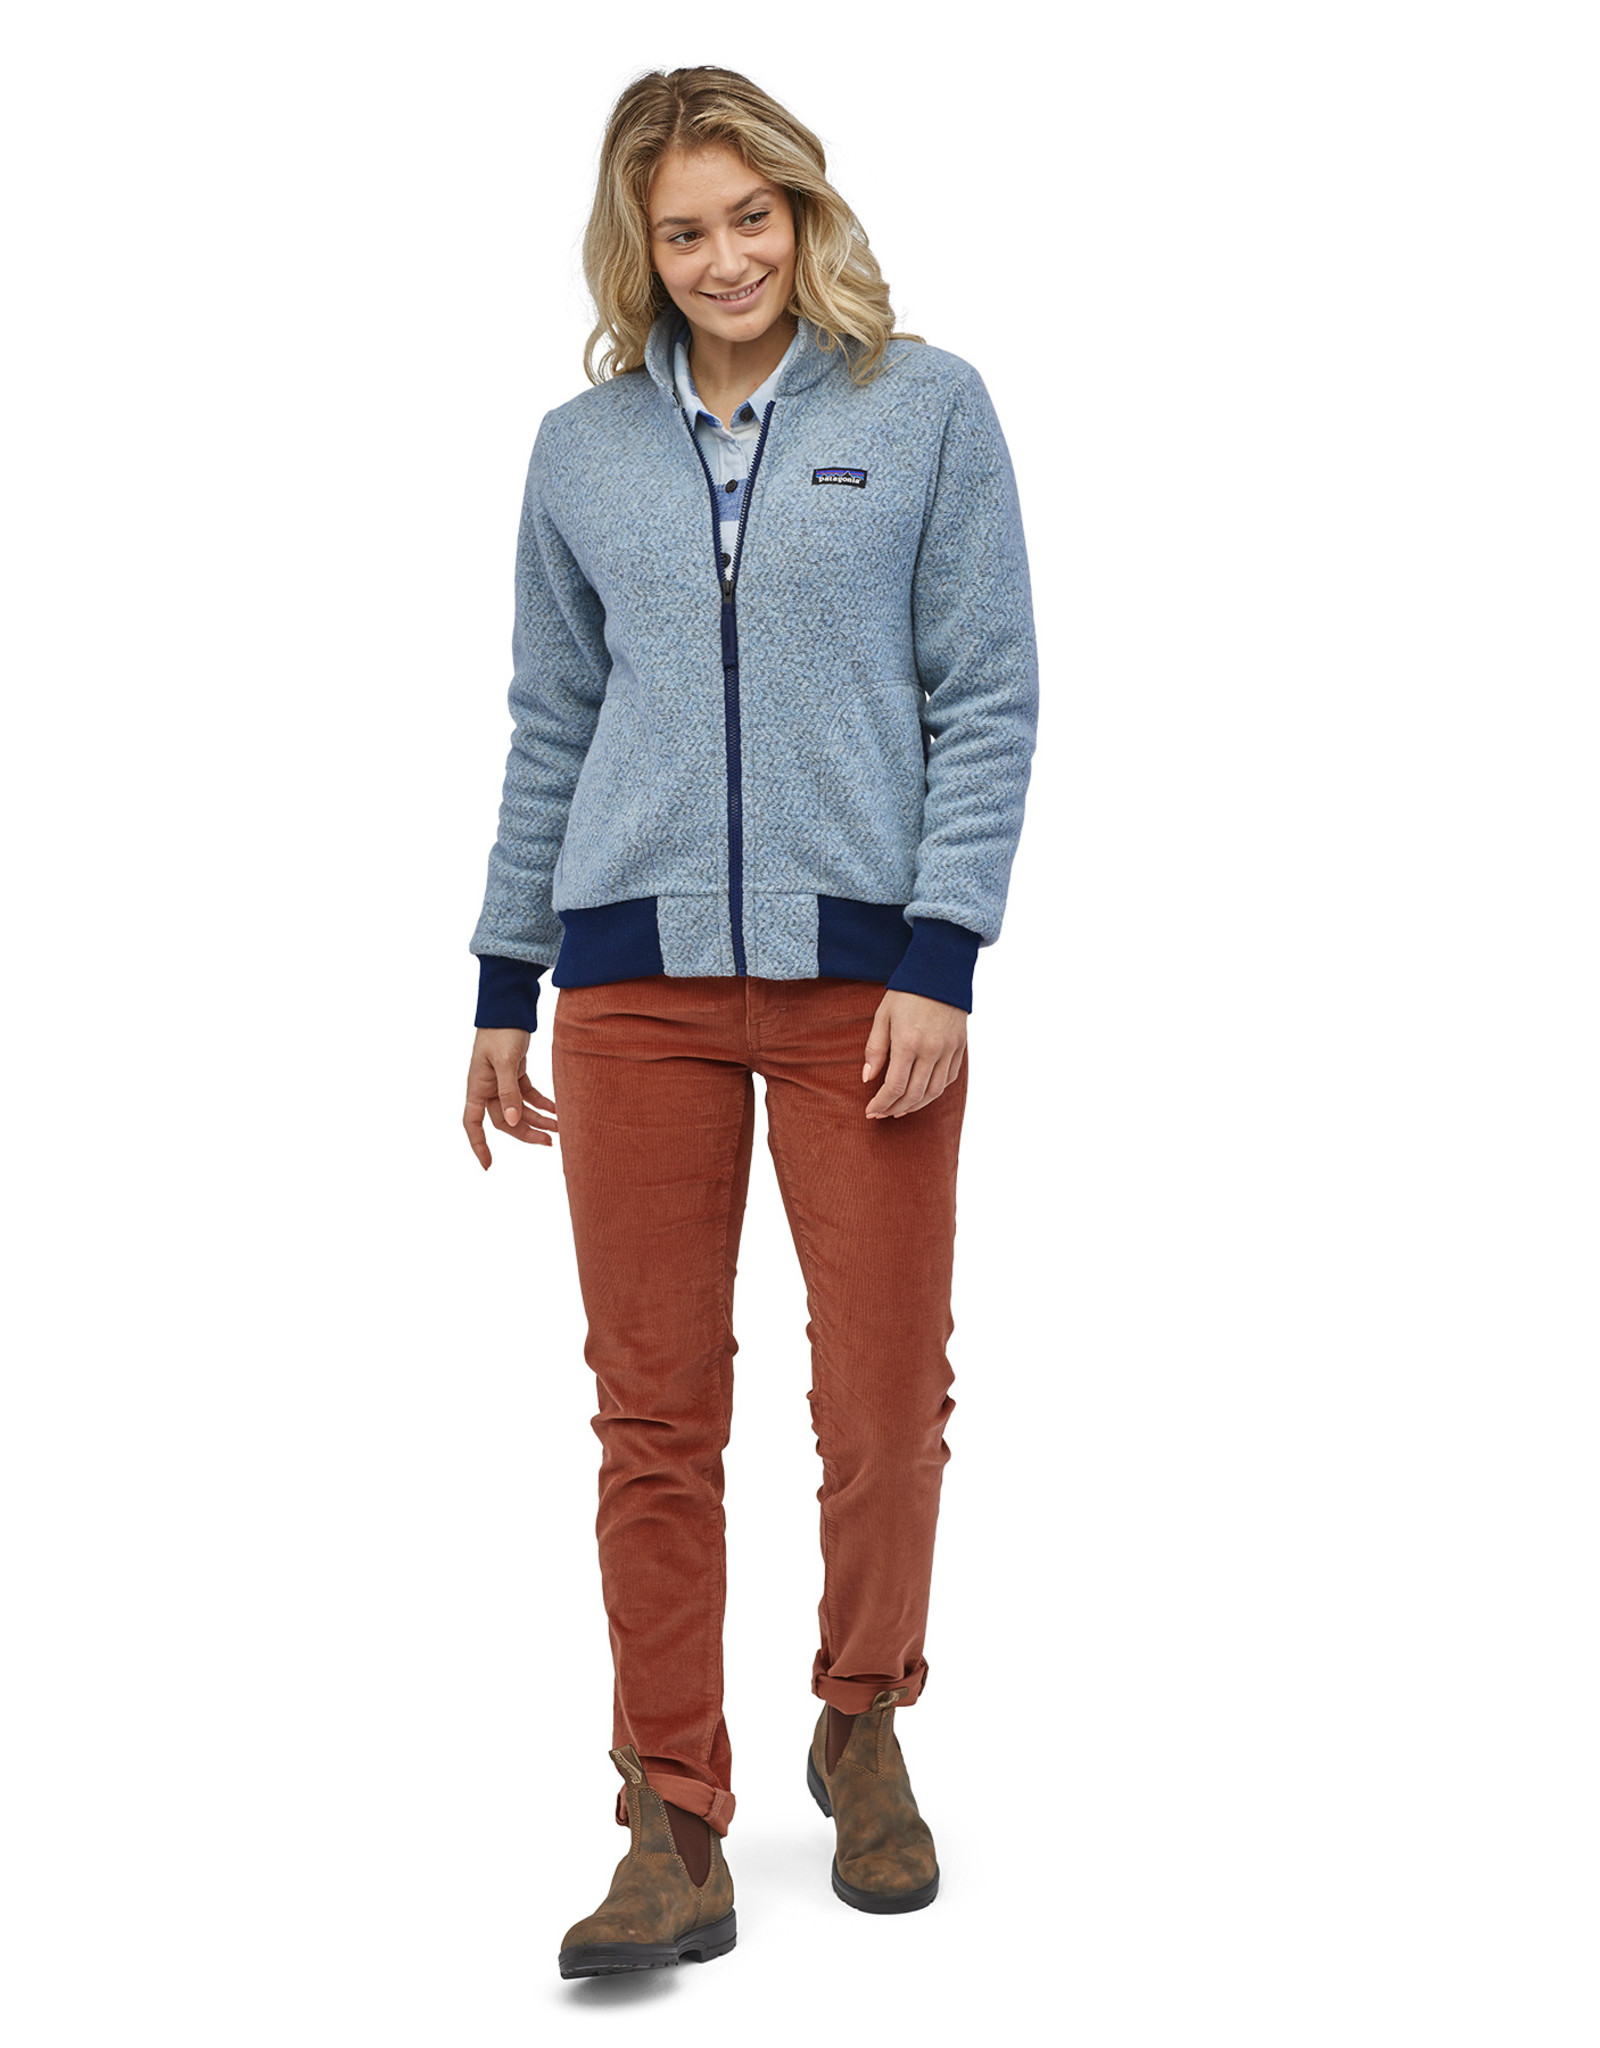 patagonia Woolyester fleece jkt dames (ref 26945)